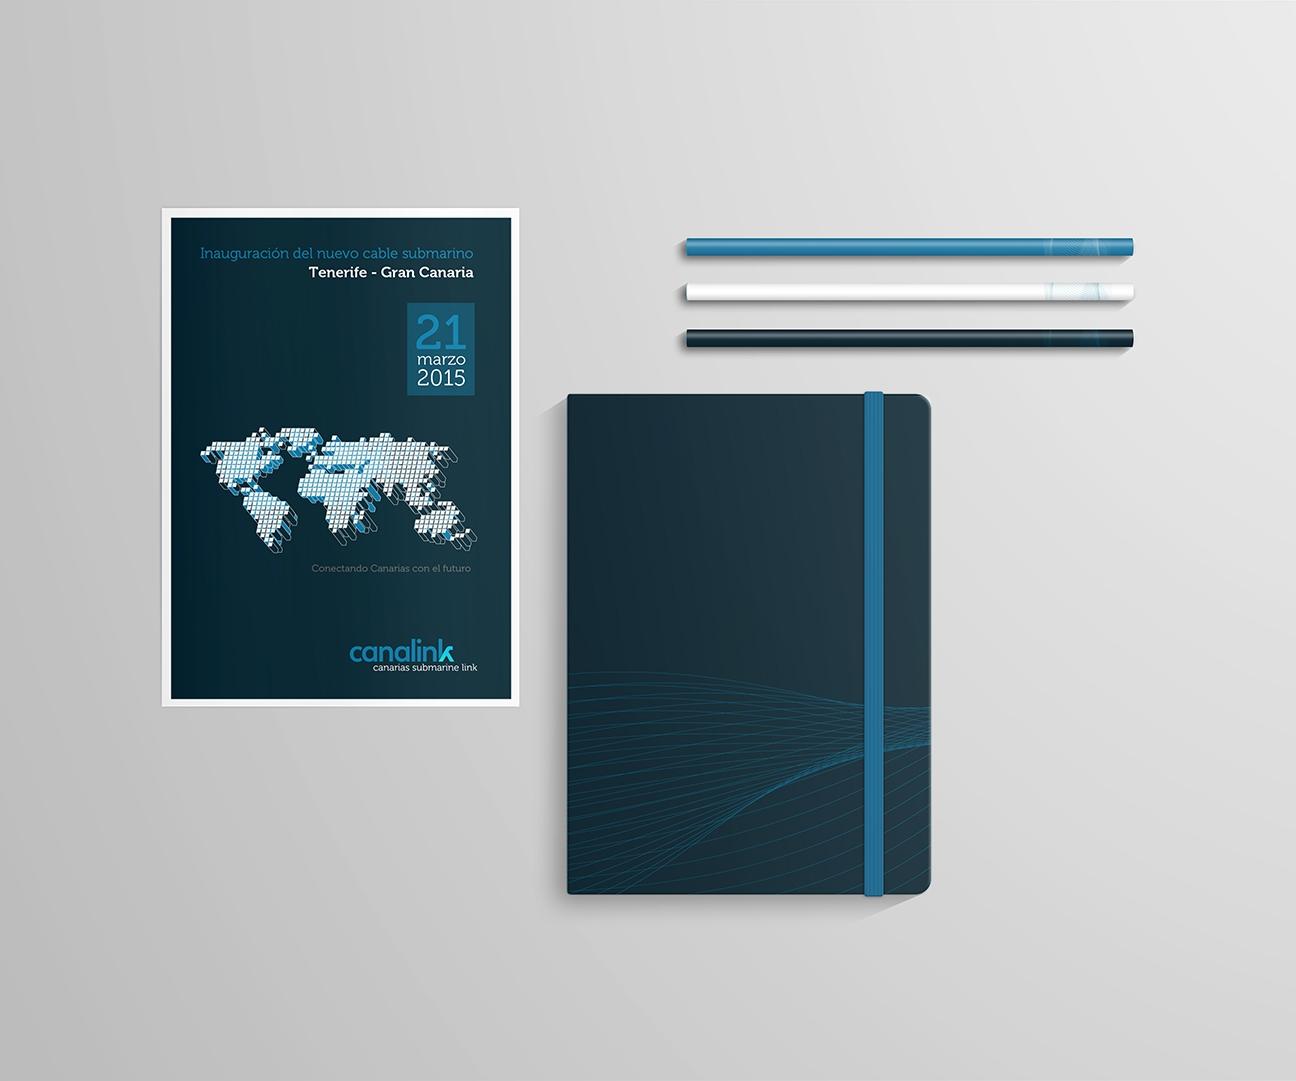 Flyer / panfleto y libreta con la identidad corporativa de Canalink